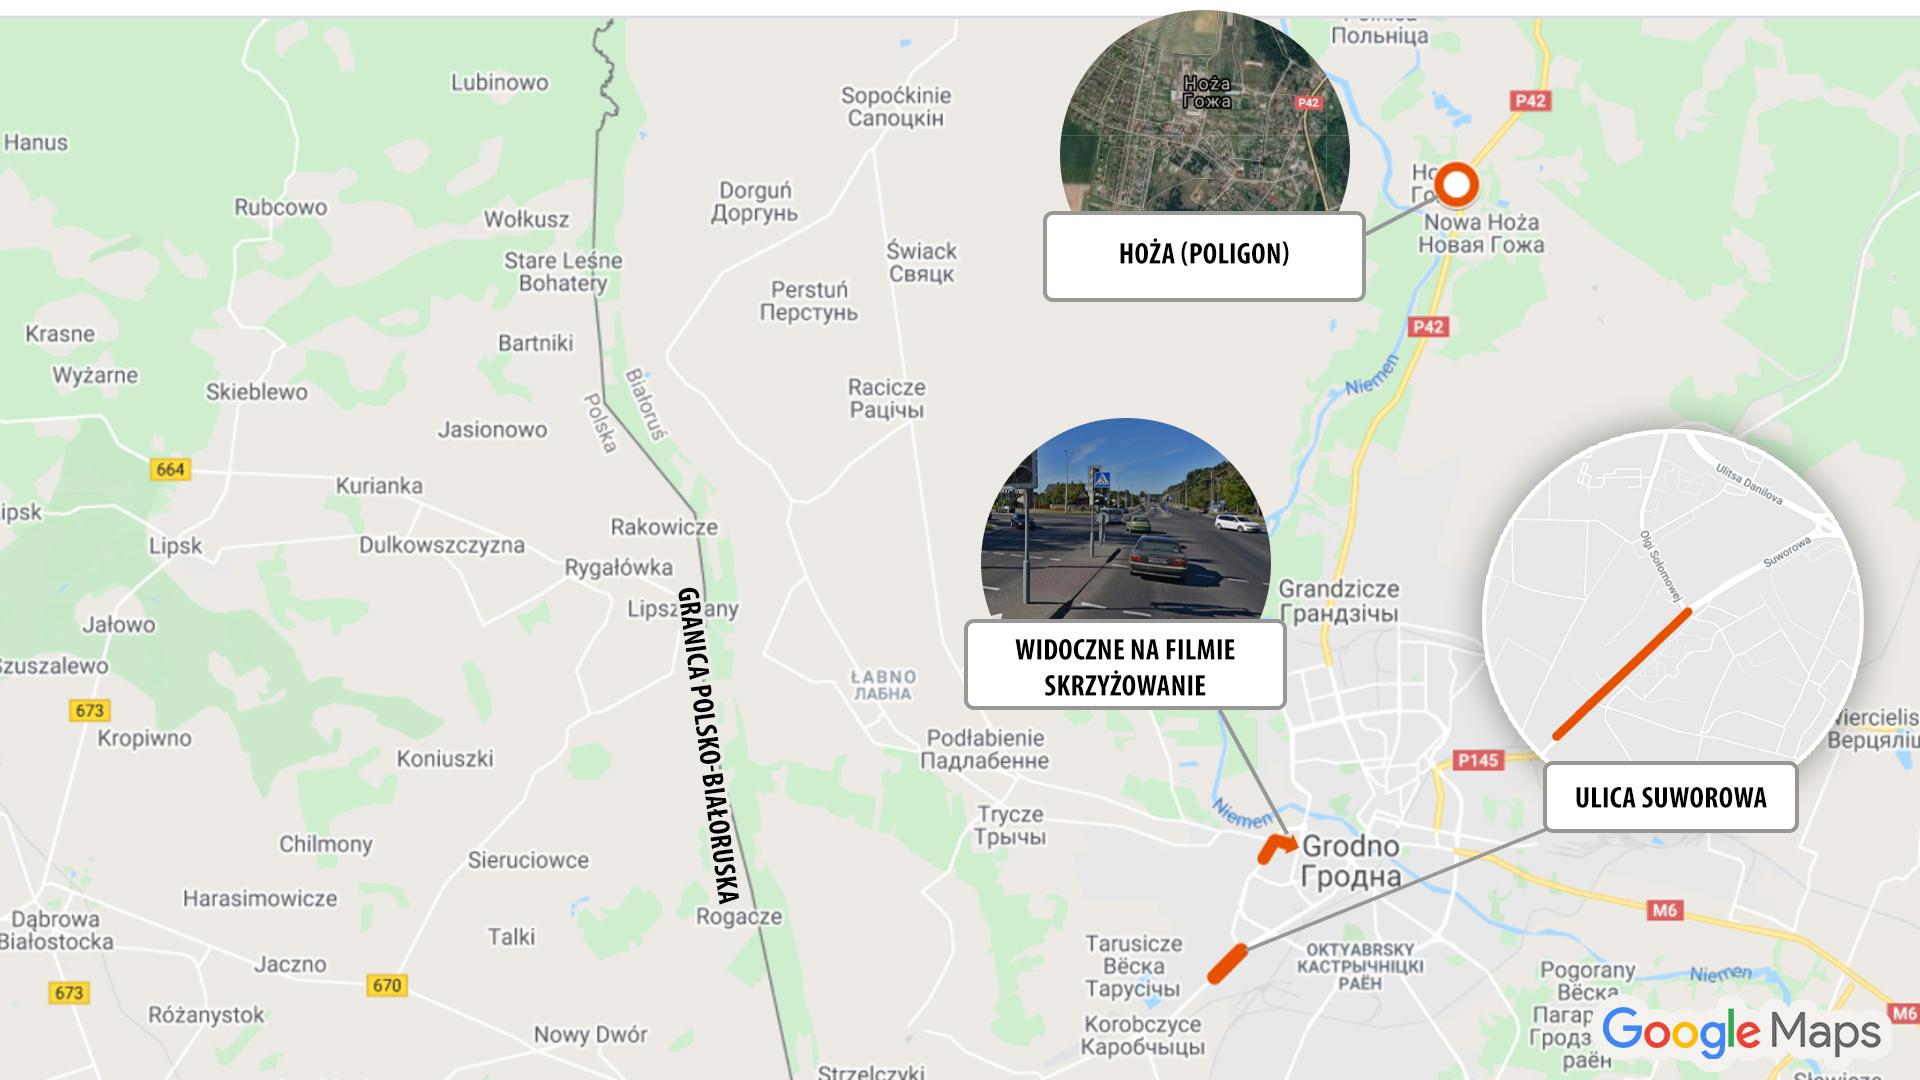 Ulica Suworowa w Grodnie; kierunek skrętu kolumny z ulicy Sołomowej w ulicę Radzieckich Pograniczników; miejscowość Hoża